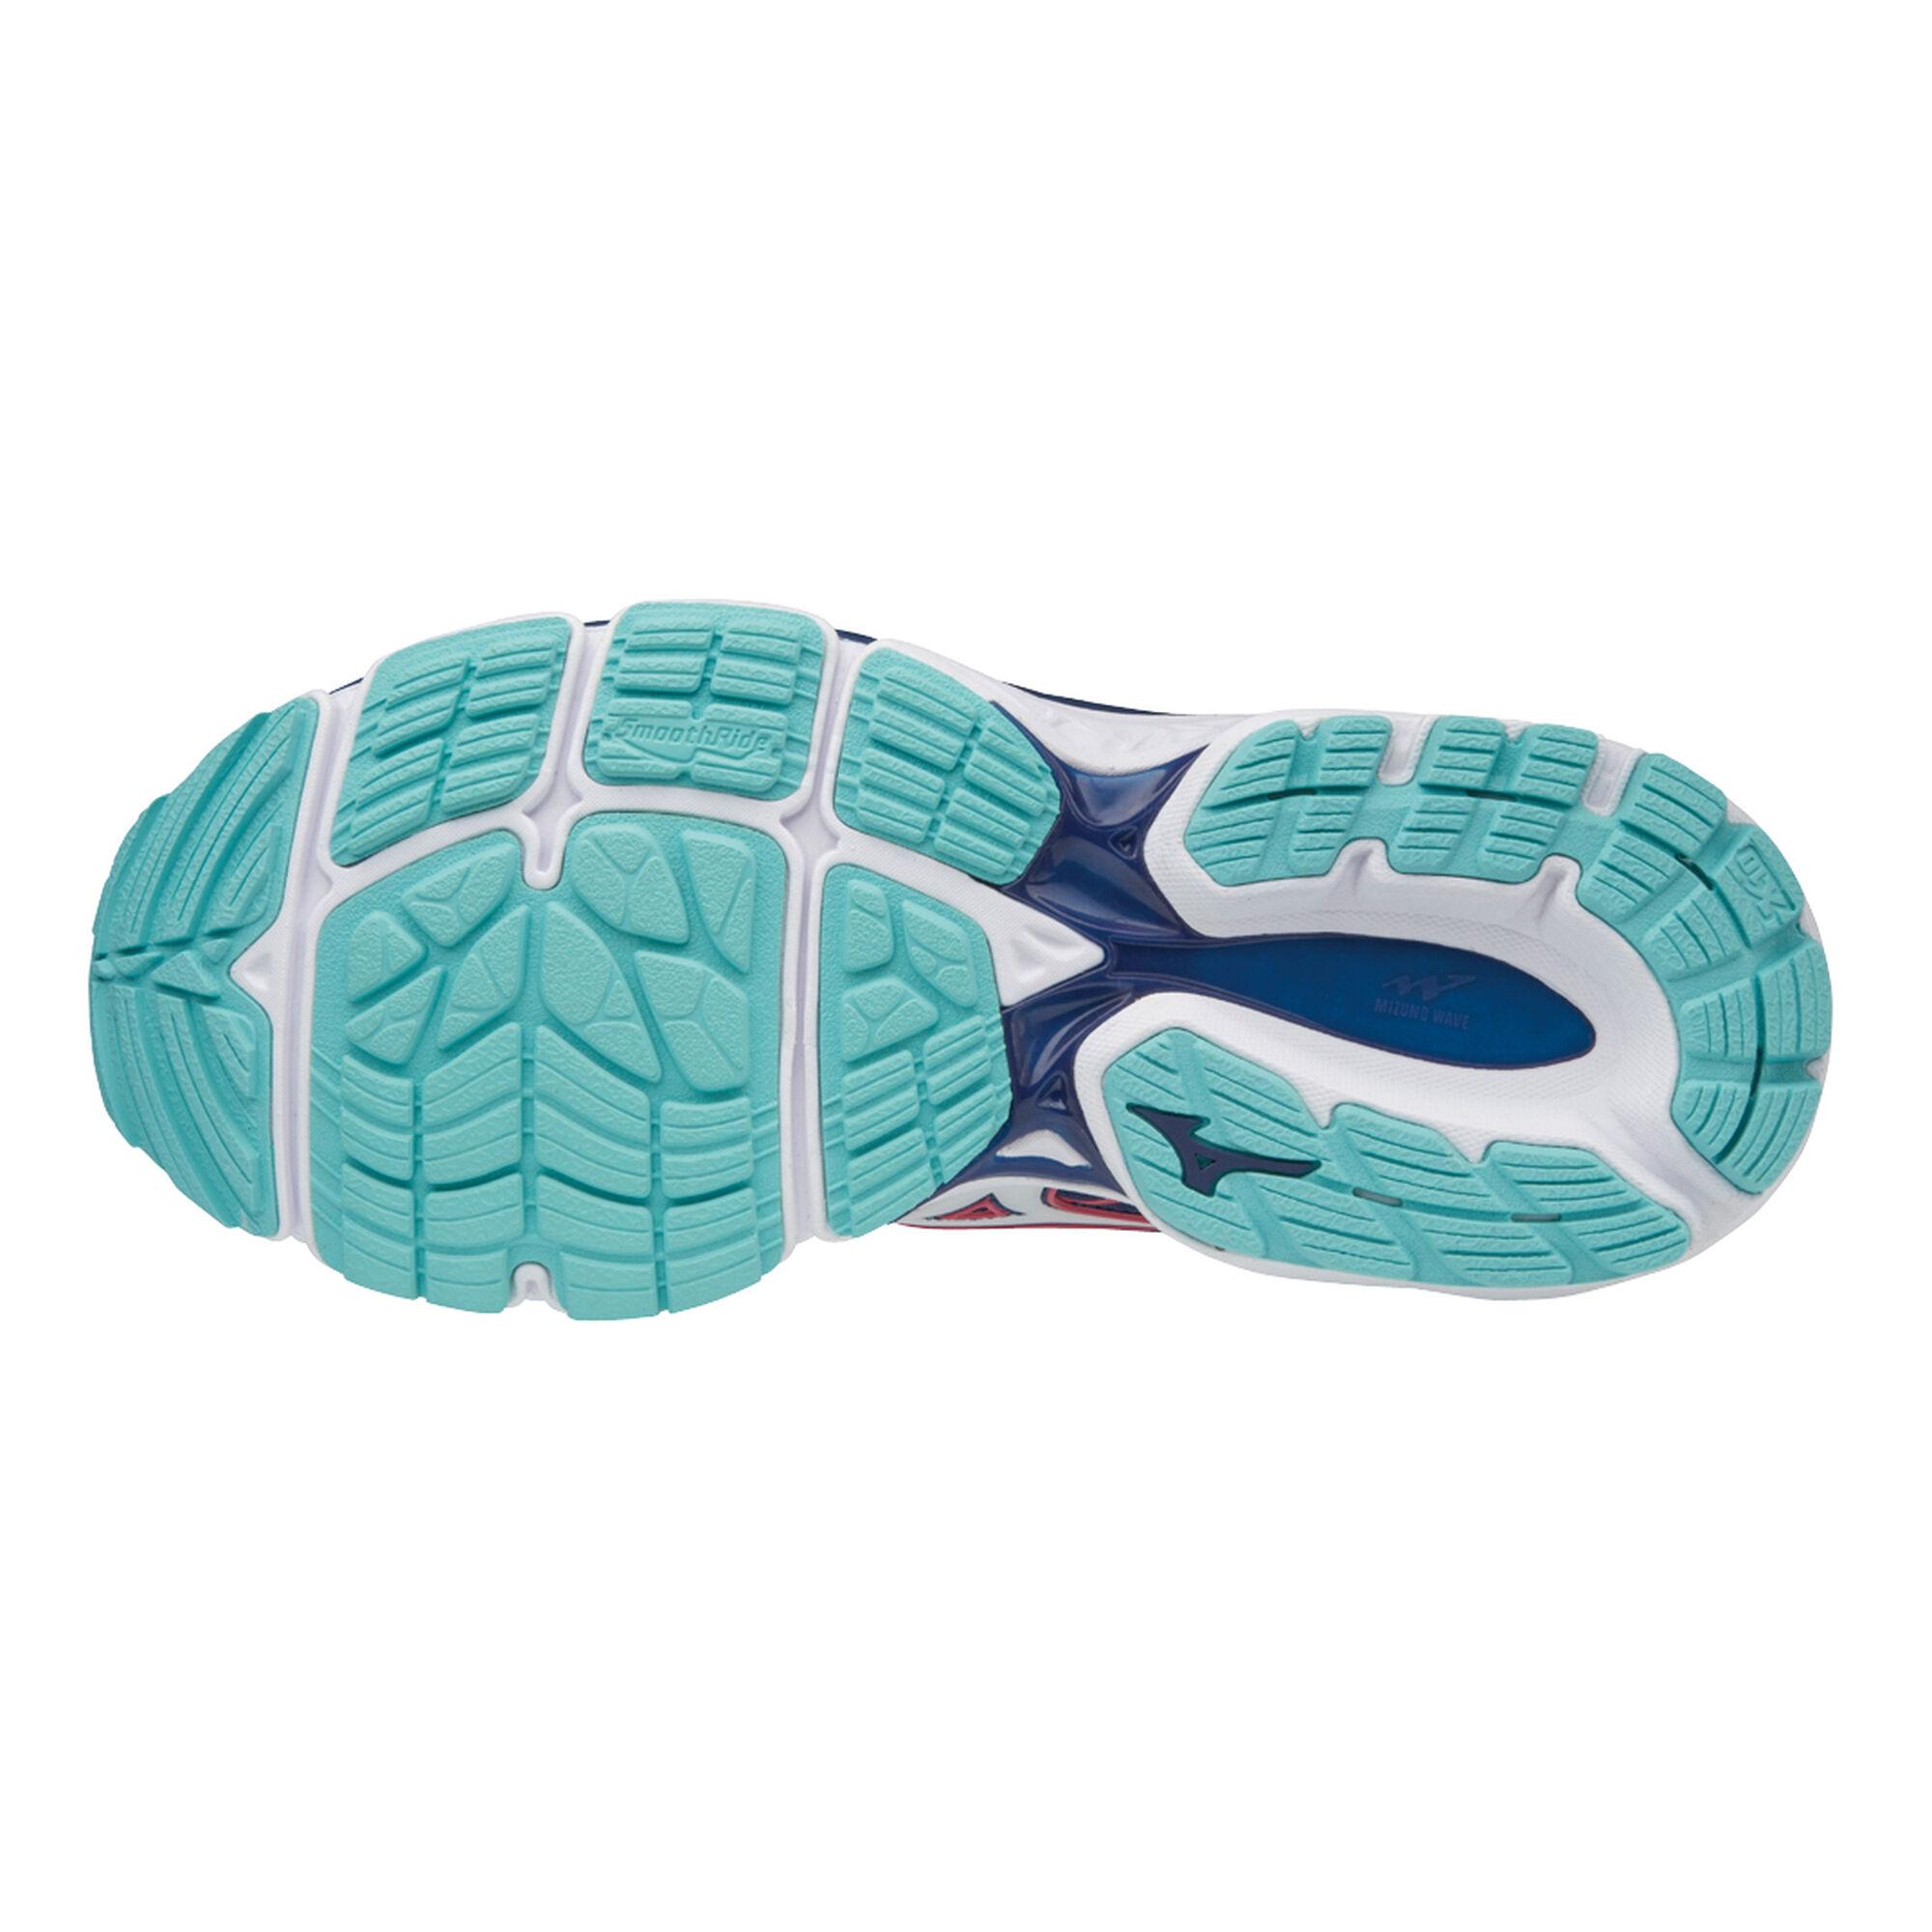 0585b73f7 buy Mizuno Wave Inspire 14 Stability Running Shoe Women - Red, Dark ...